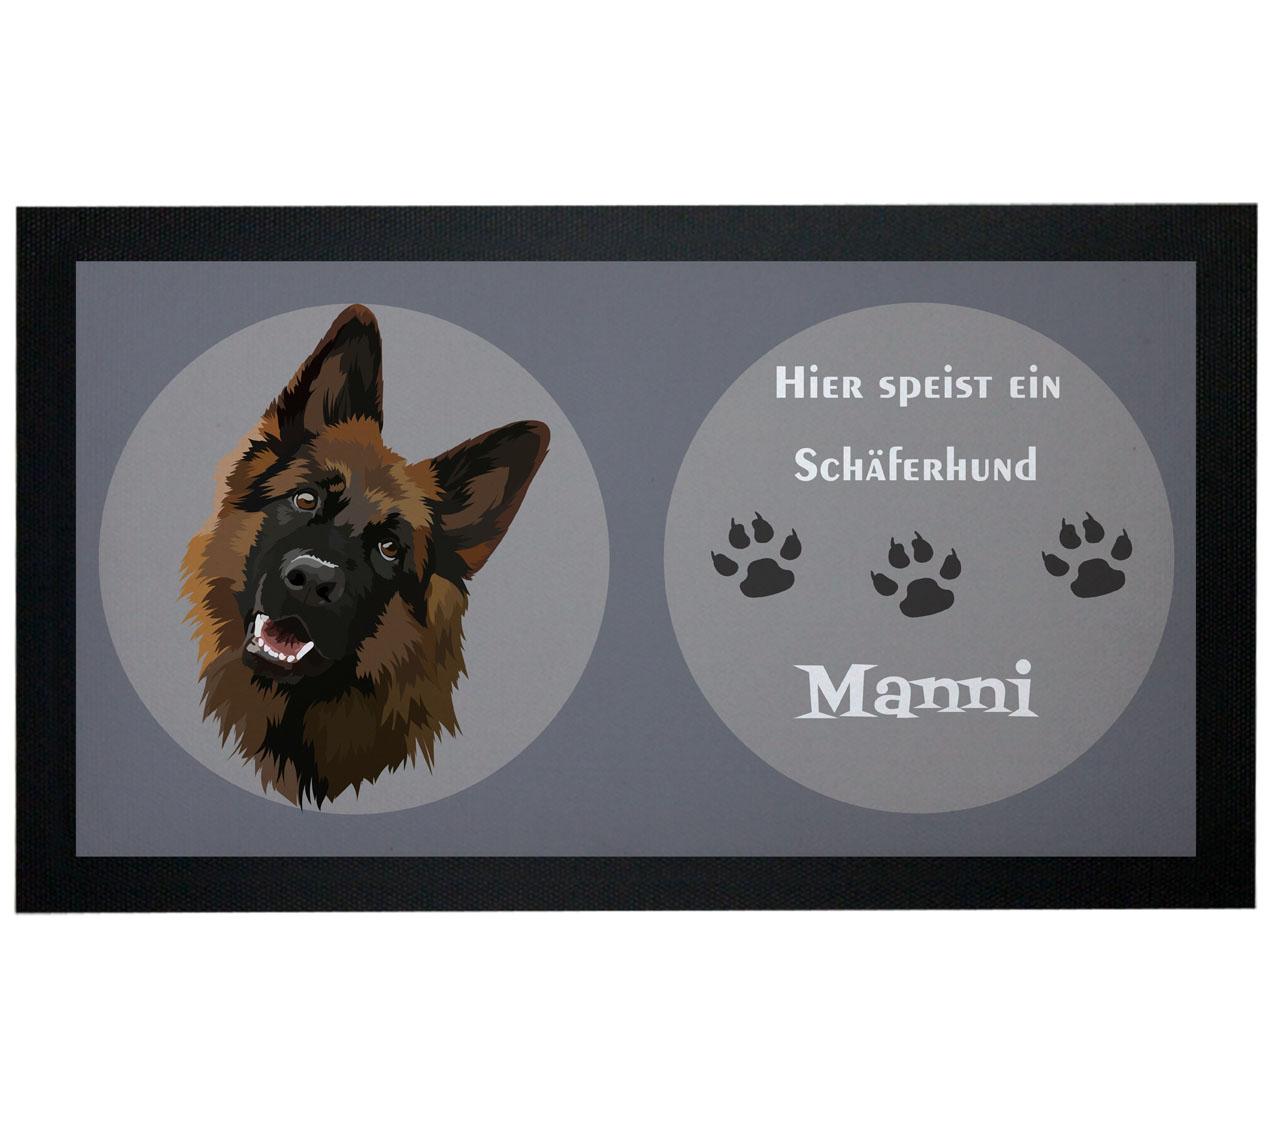 Napfunterlage Hund Schäferhund mit Name